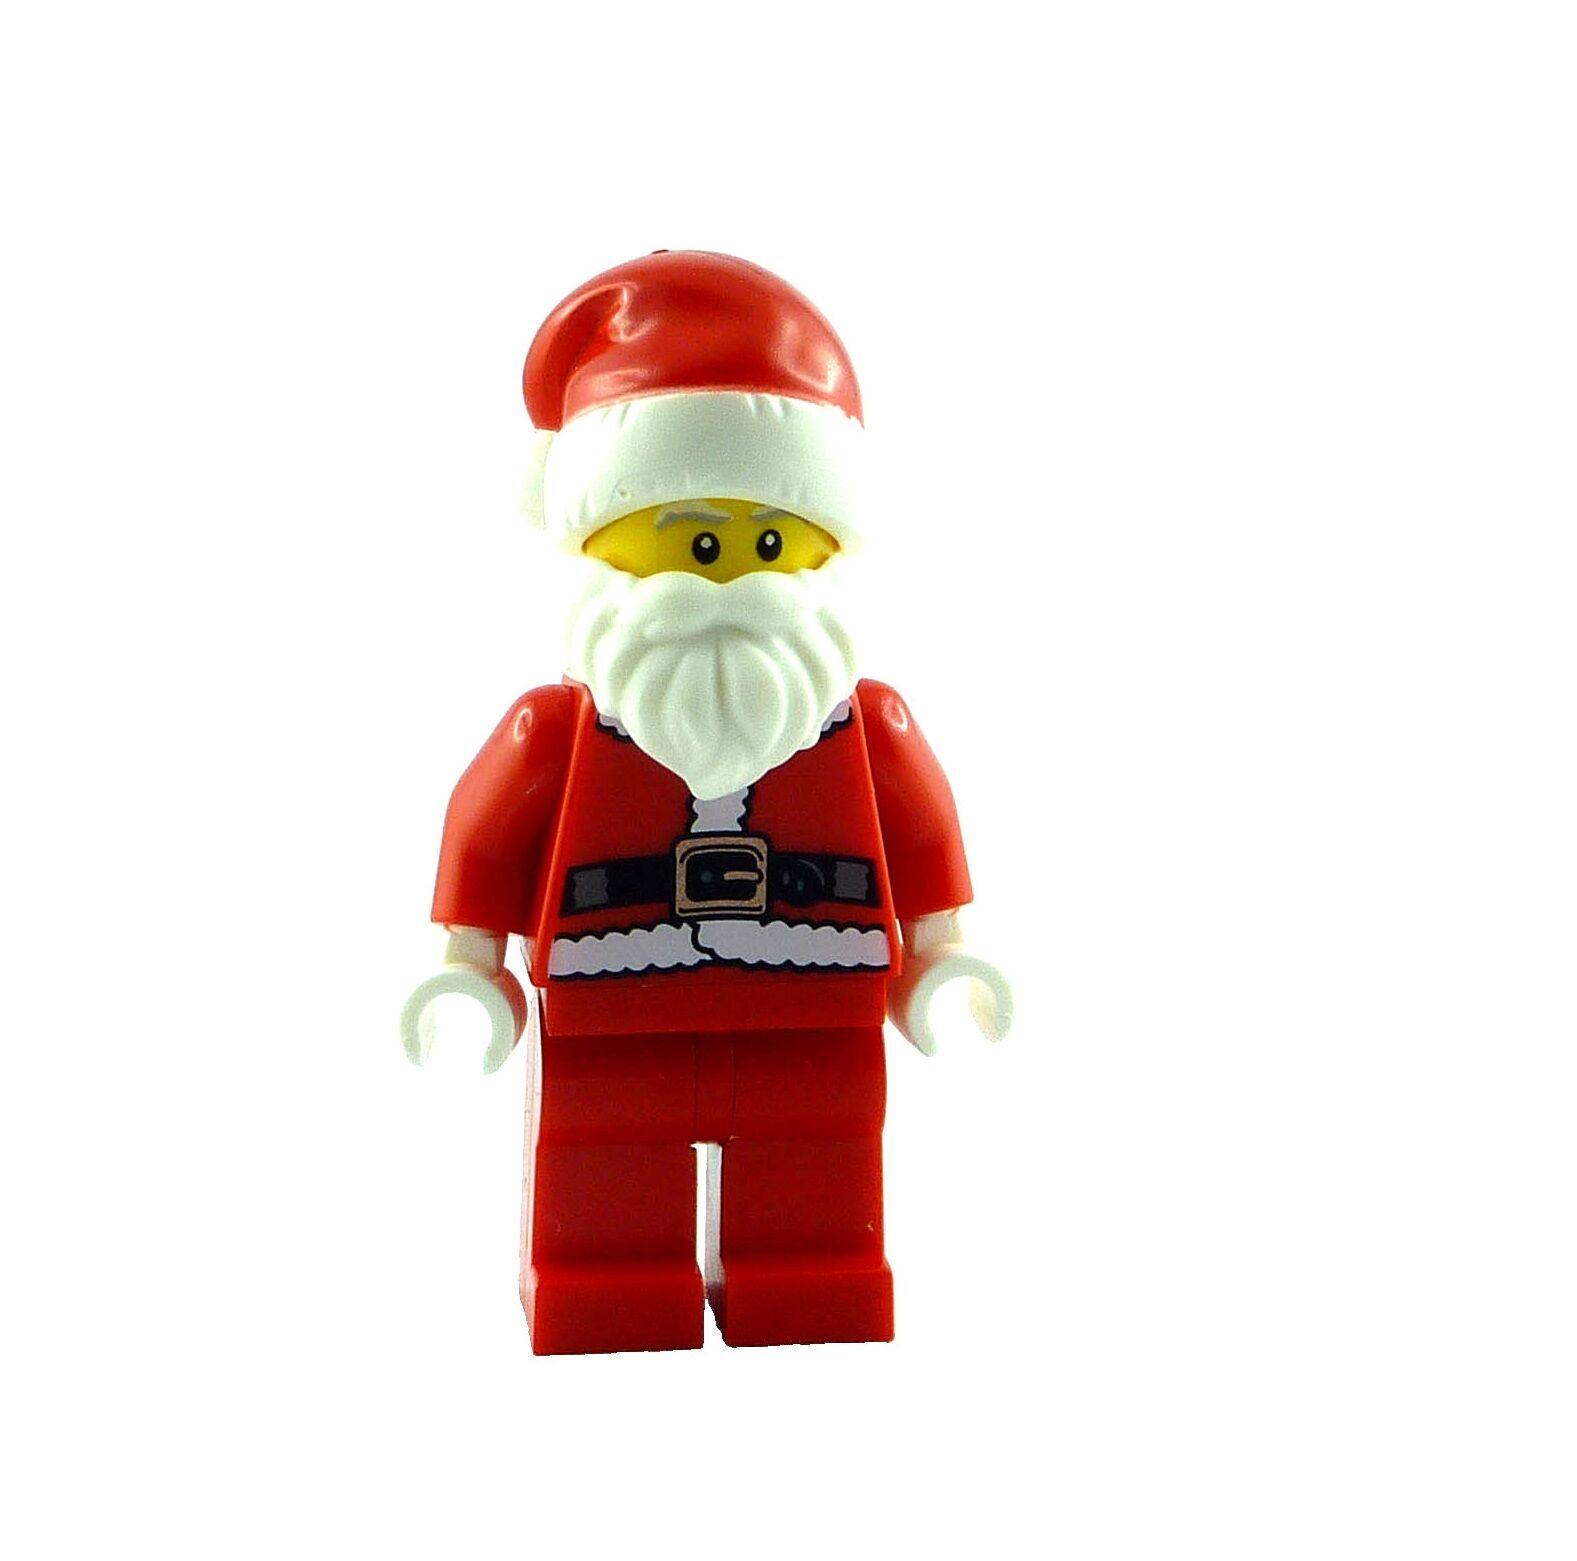 Série 8 LEGO Minifigure Santa Claus Père Noël